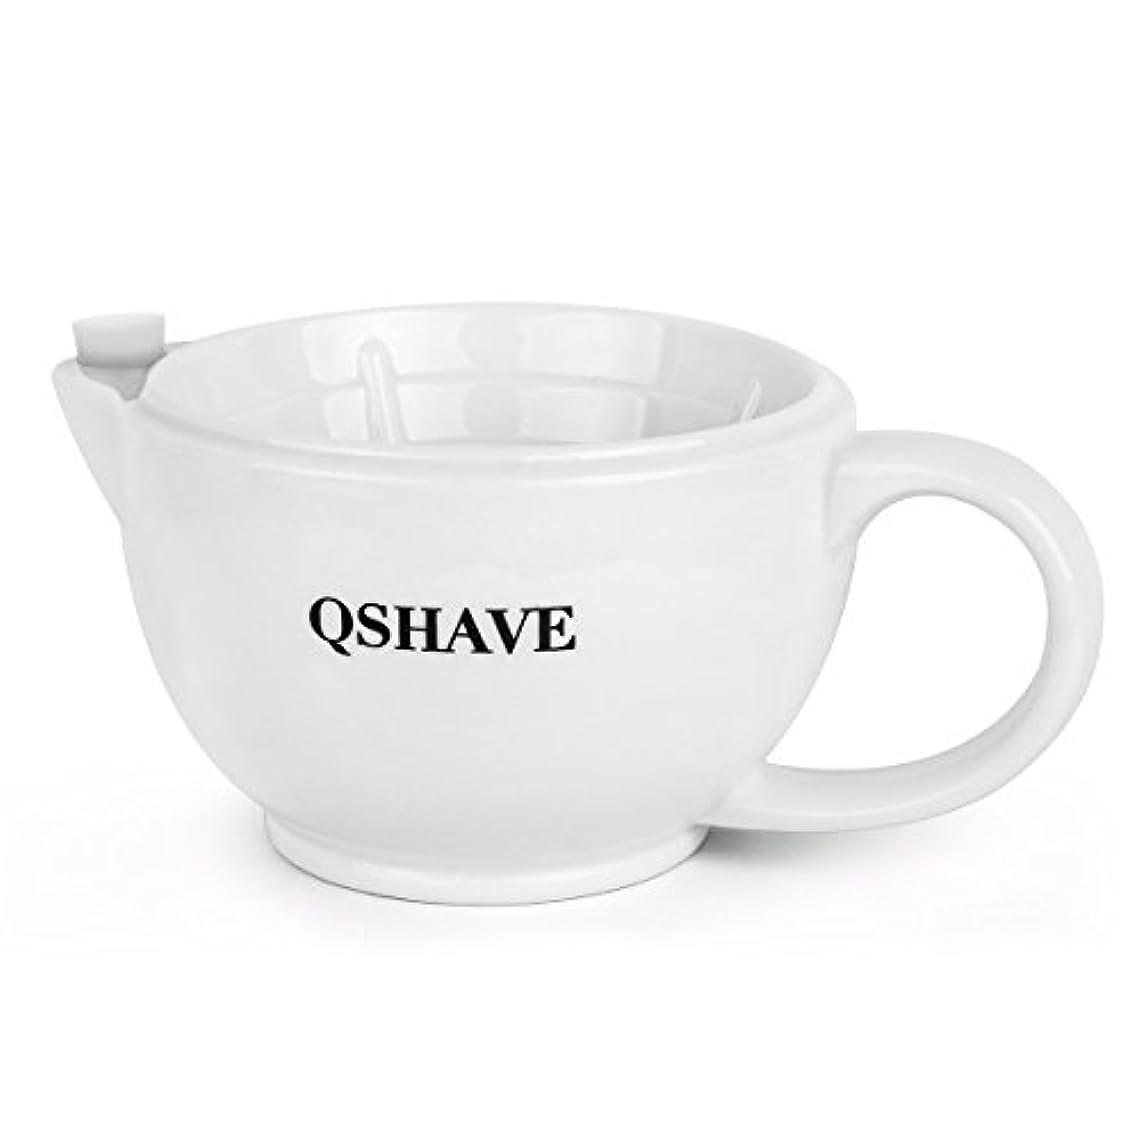 ロータリー再生的マニアックQSHAVE シェービングシャトルのマグカップ - 常に泡を保つ - 手作りの陶器のカップ 白